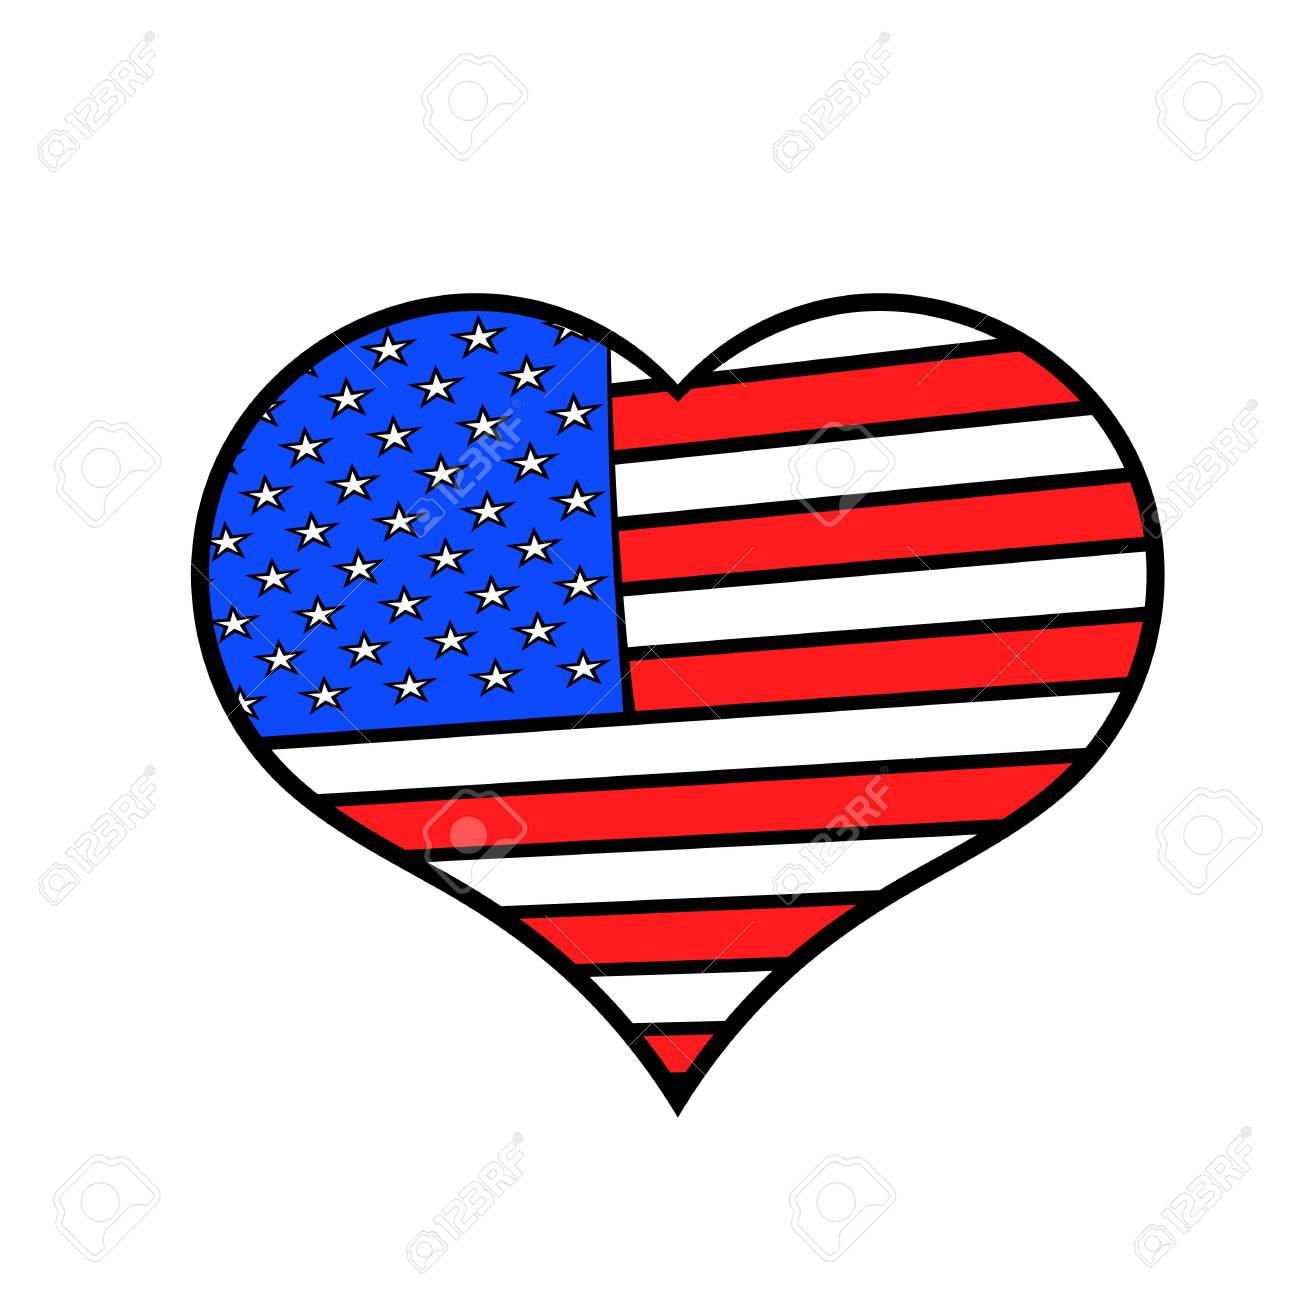 Corazón En Los Estados Unidos Bandera Colores Icono Dibujos Animados